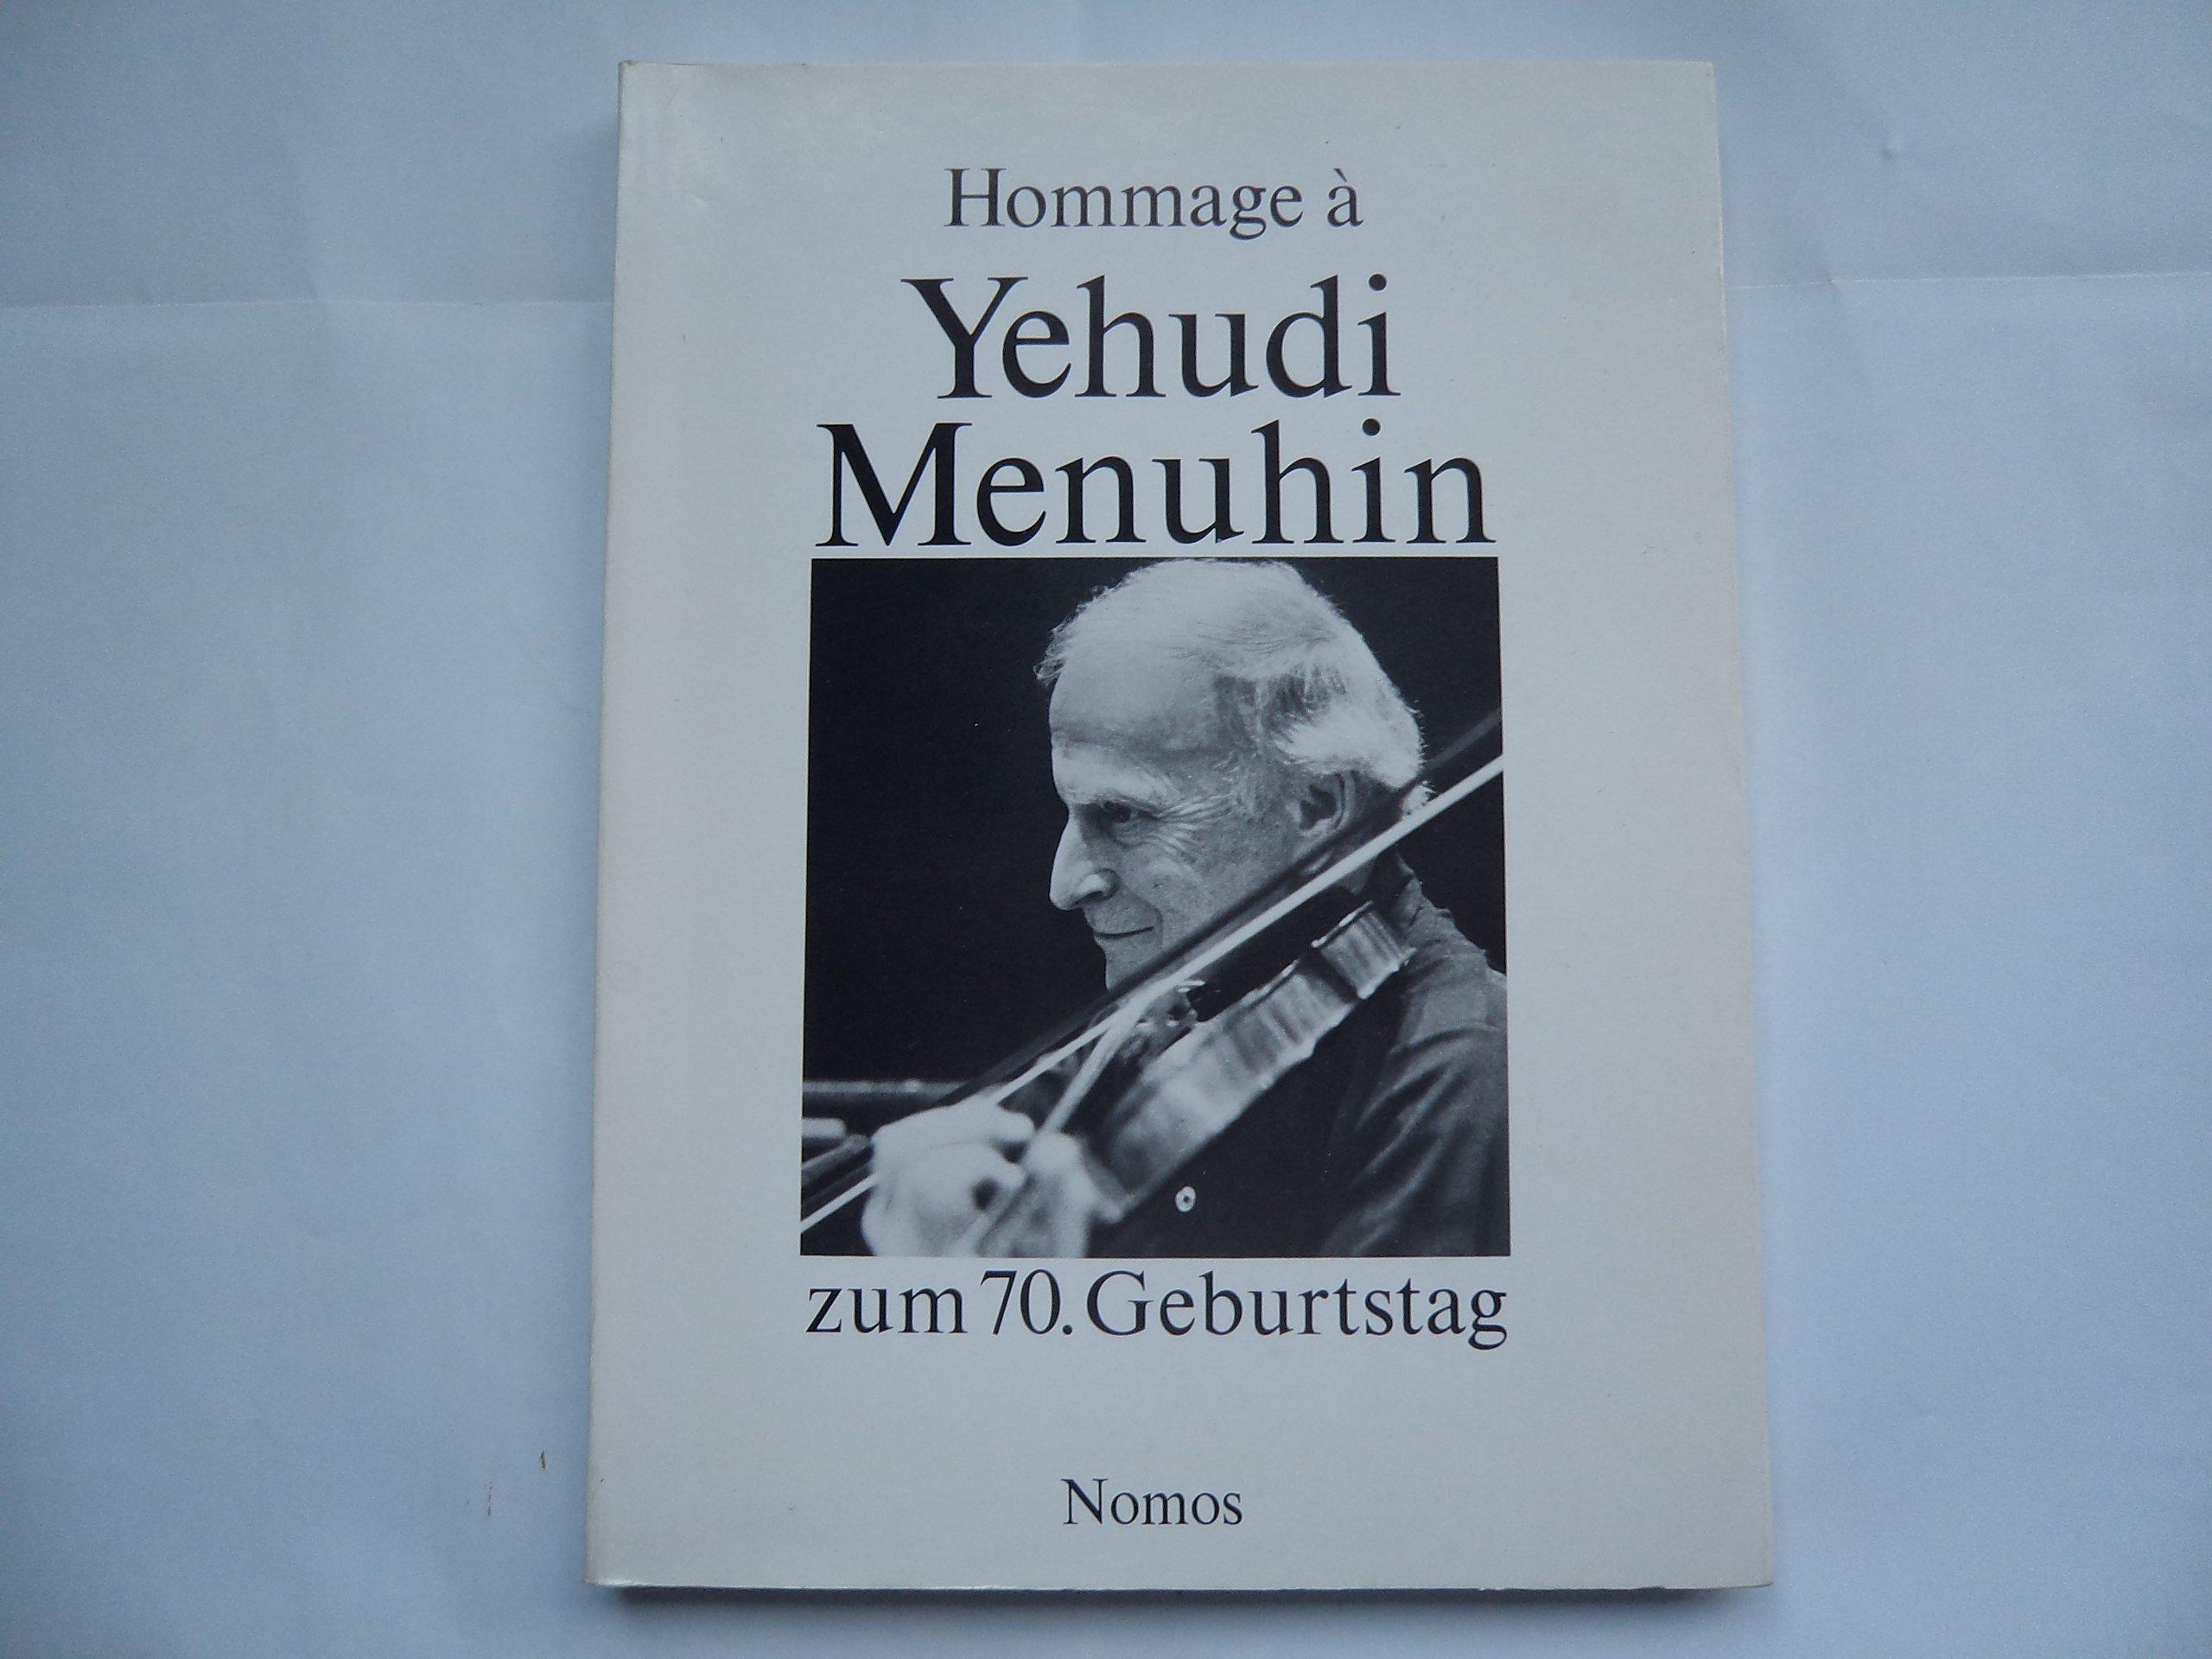 Hommage a Yehudi Menuhin: Festschrift zum 70. Geburtstag am 22. April 1986